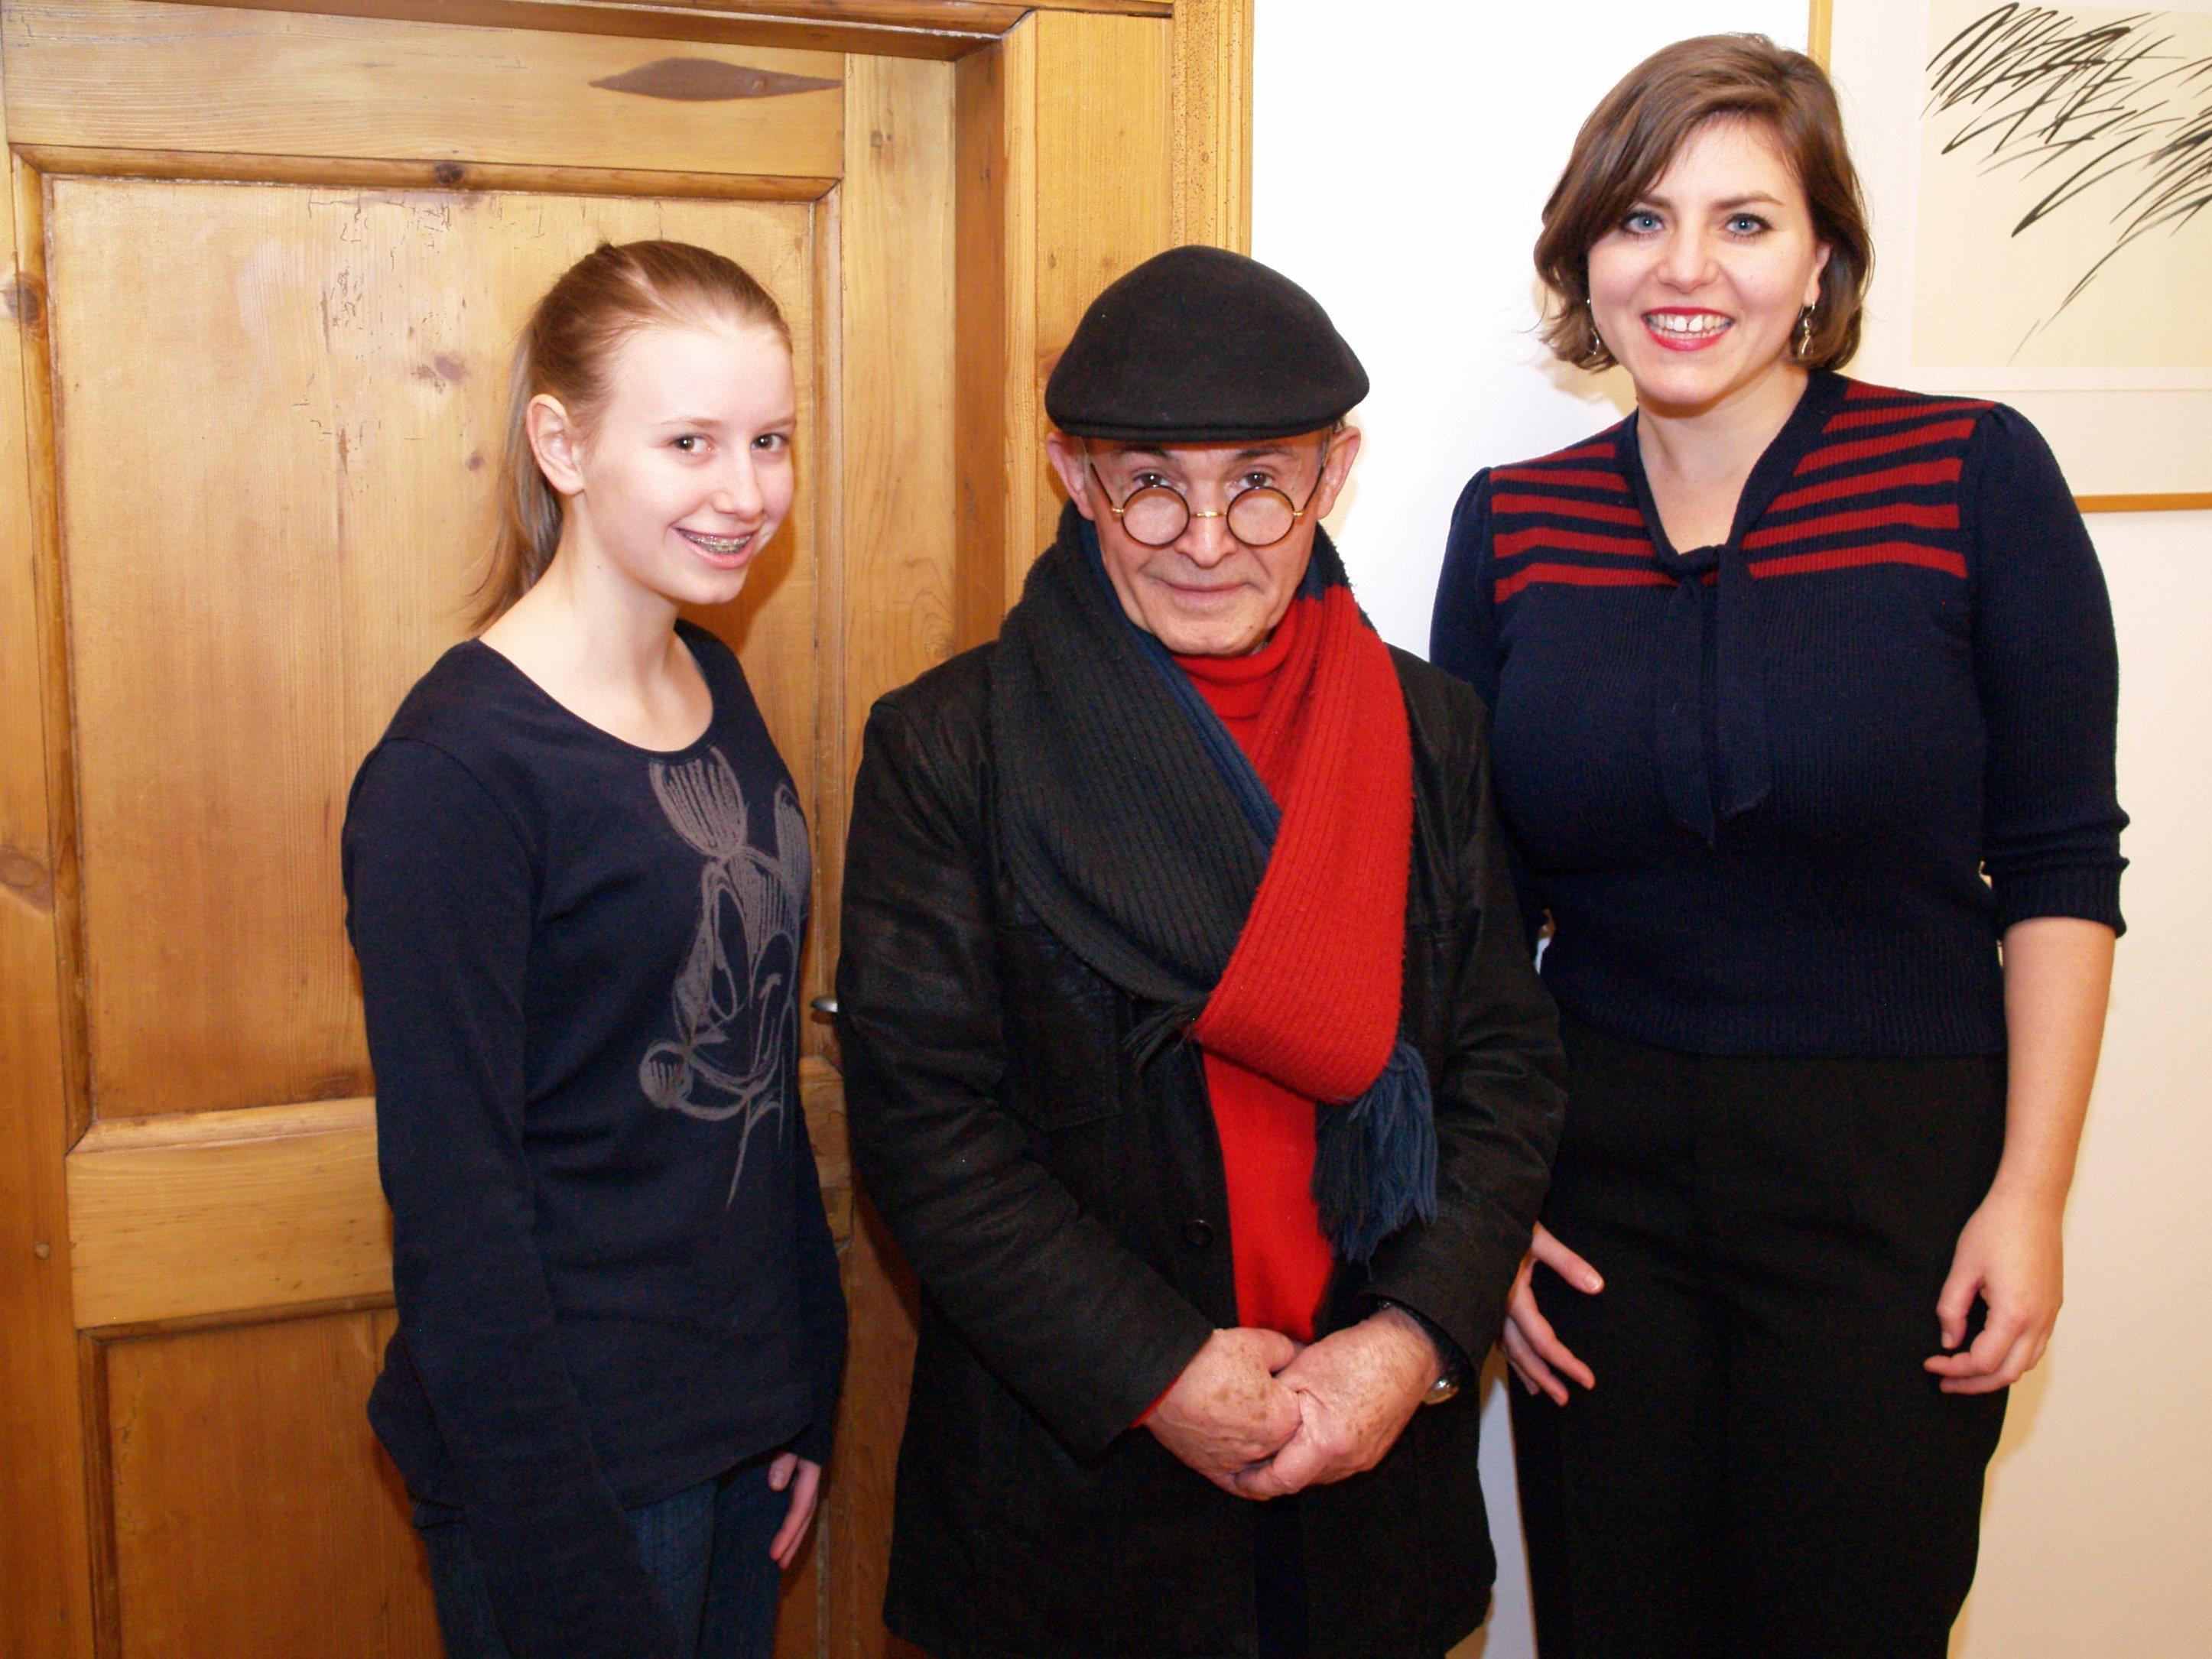 Initiator Habib Samadzadeh mit KunstkreisC Teilnehmerin Josefina und Projektorganisatorin Martina Peter bei der Adventfeier.